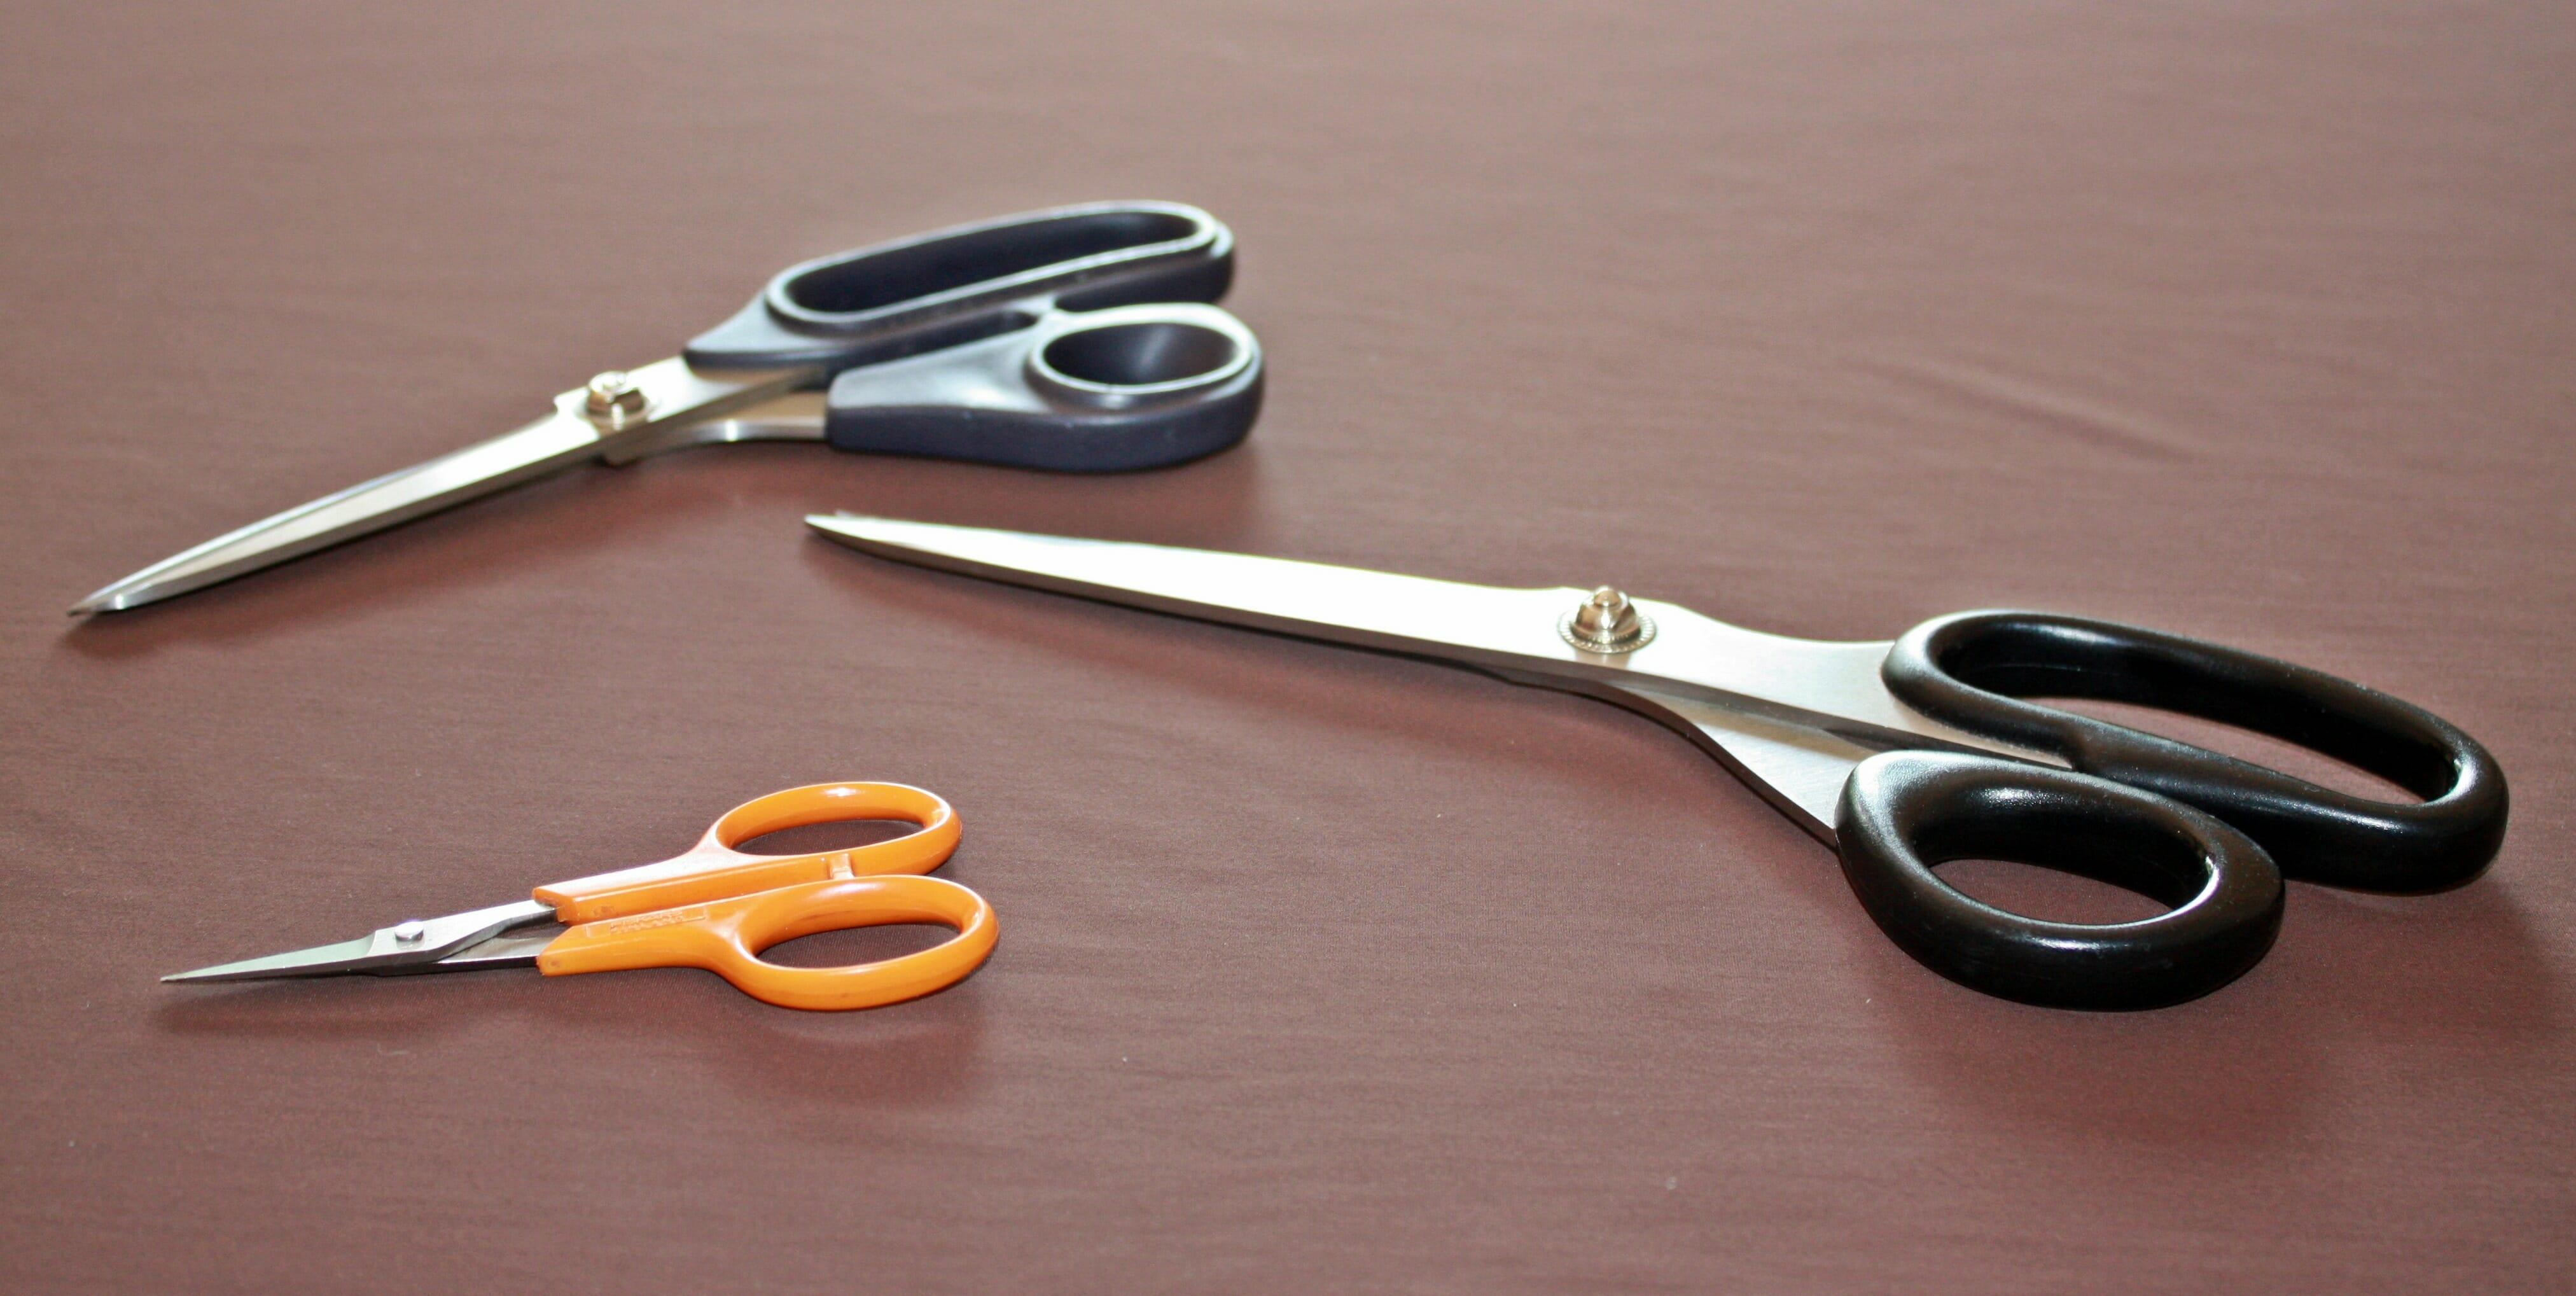 Werkzeuge – Werkzeuge zum Schneiden